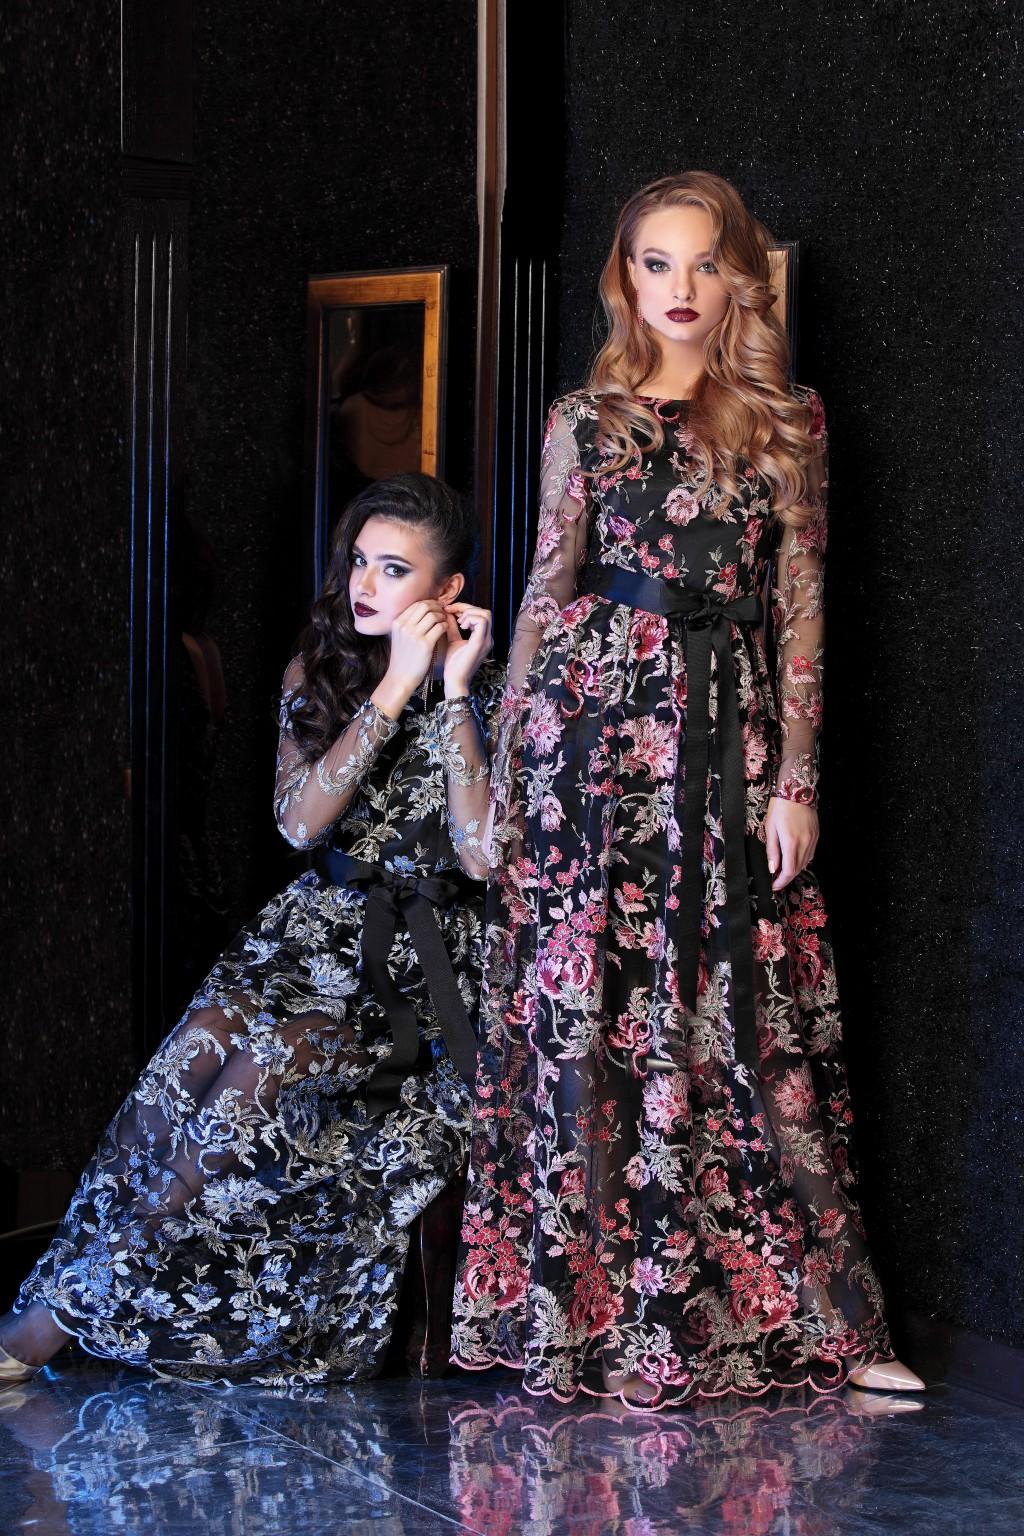 Сбор заказов.Сбор 2 дня!Супер-скидки!!!Изумительной красоты коллекции! Твой имидж-Белоруссия! Модно, стильно, ярко, незабываемо!Самые красивые платья,костюмы,блузы,брюки и юбки р.42-58 по доступным ценам-72!Шикарнейшие новинки 2017 уже в продаже!